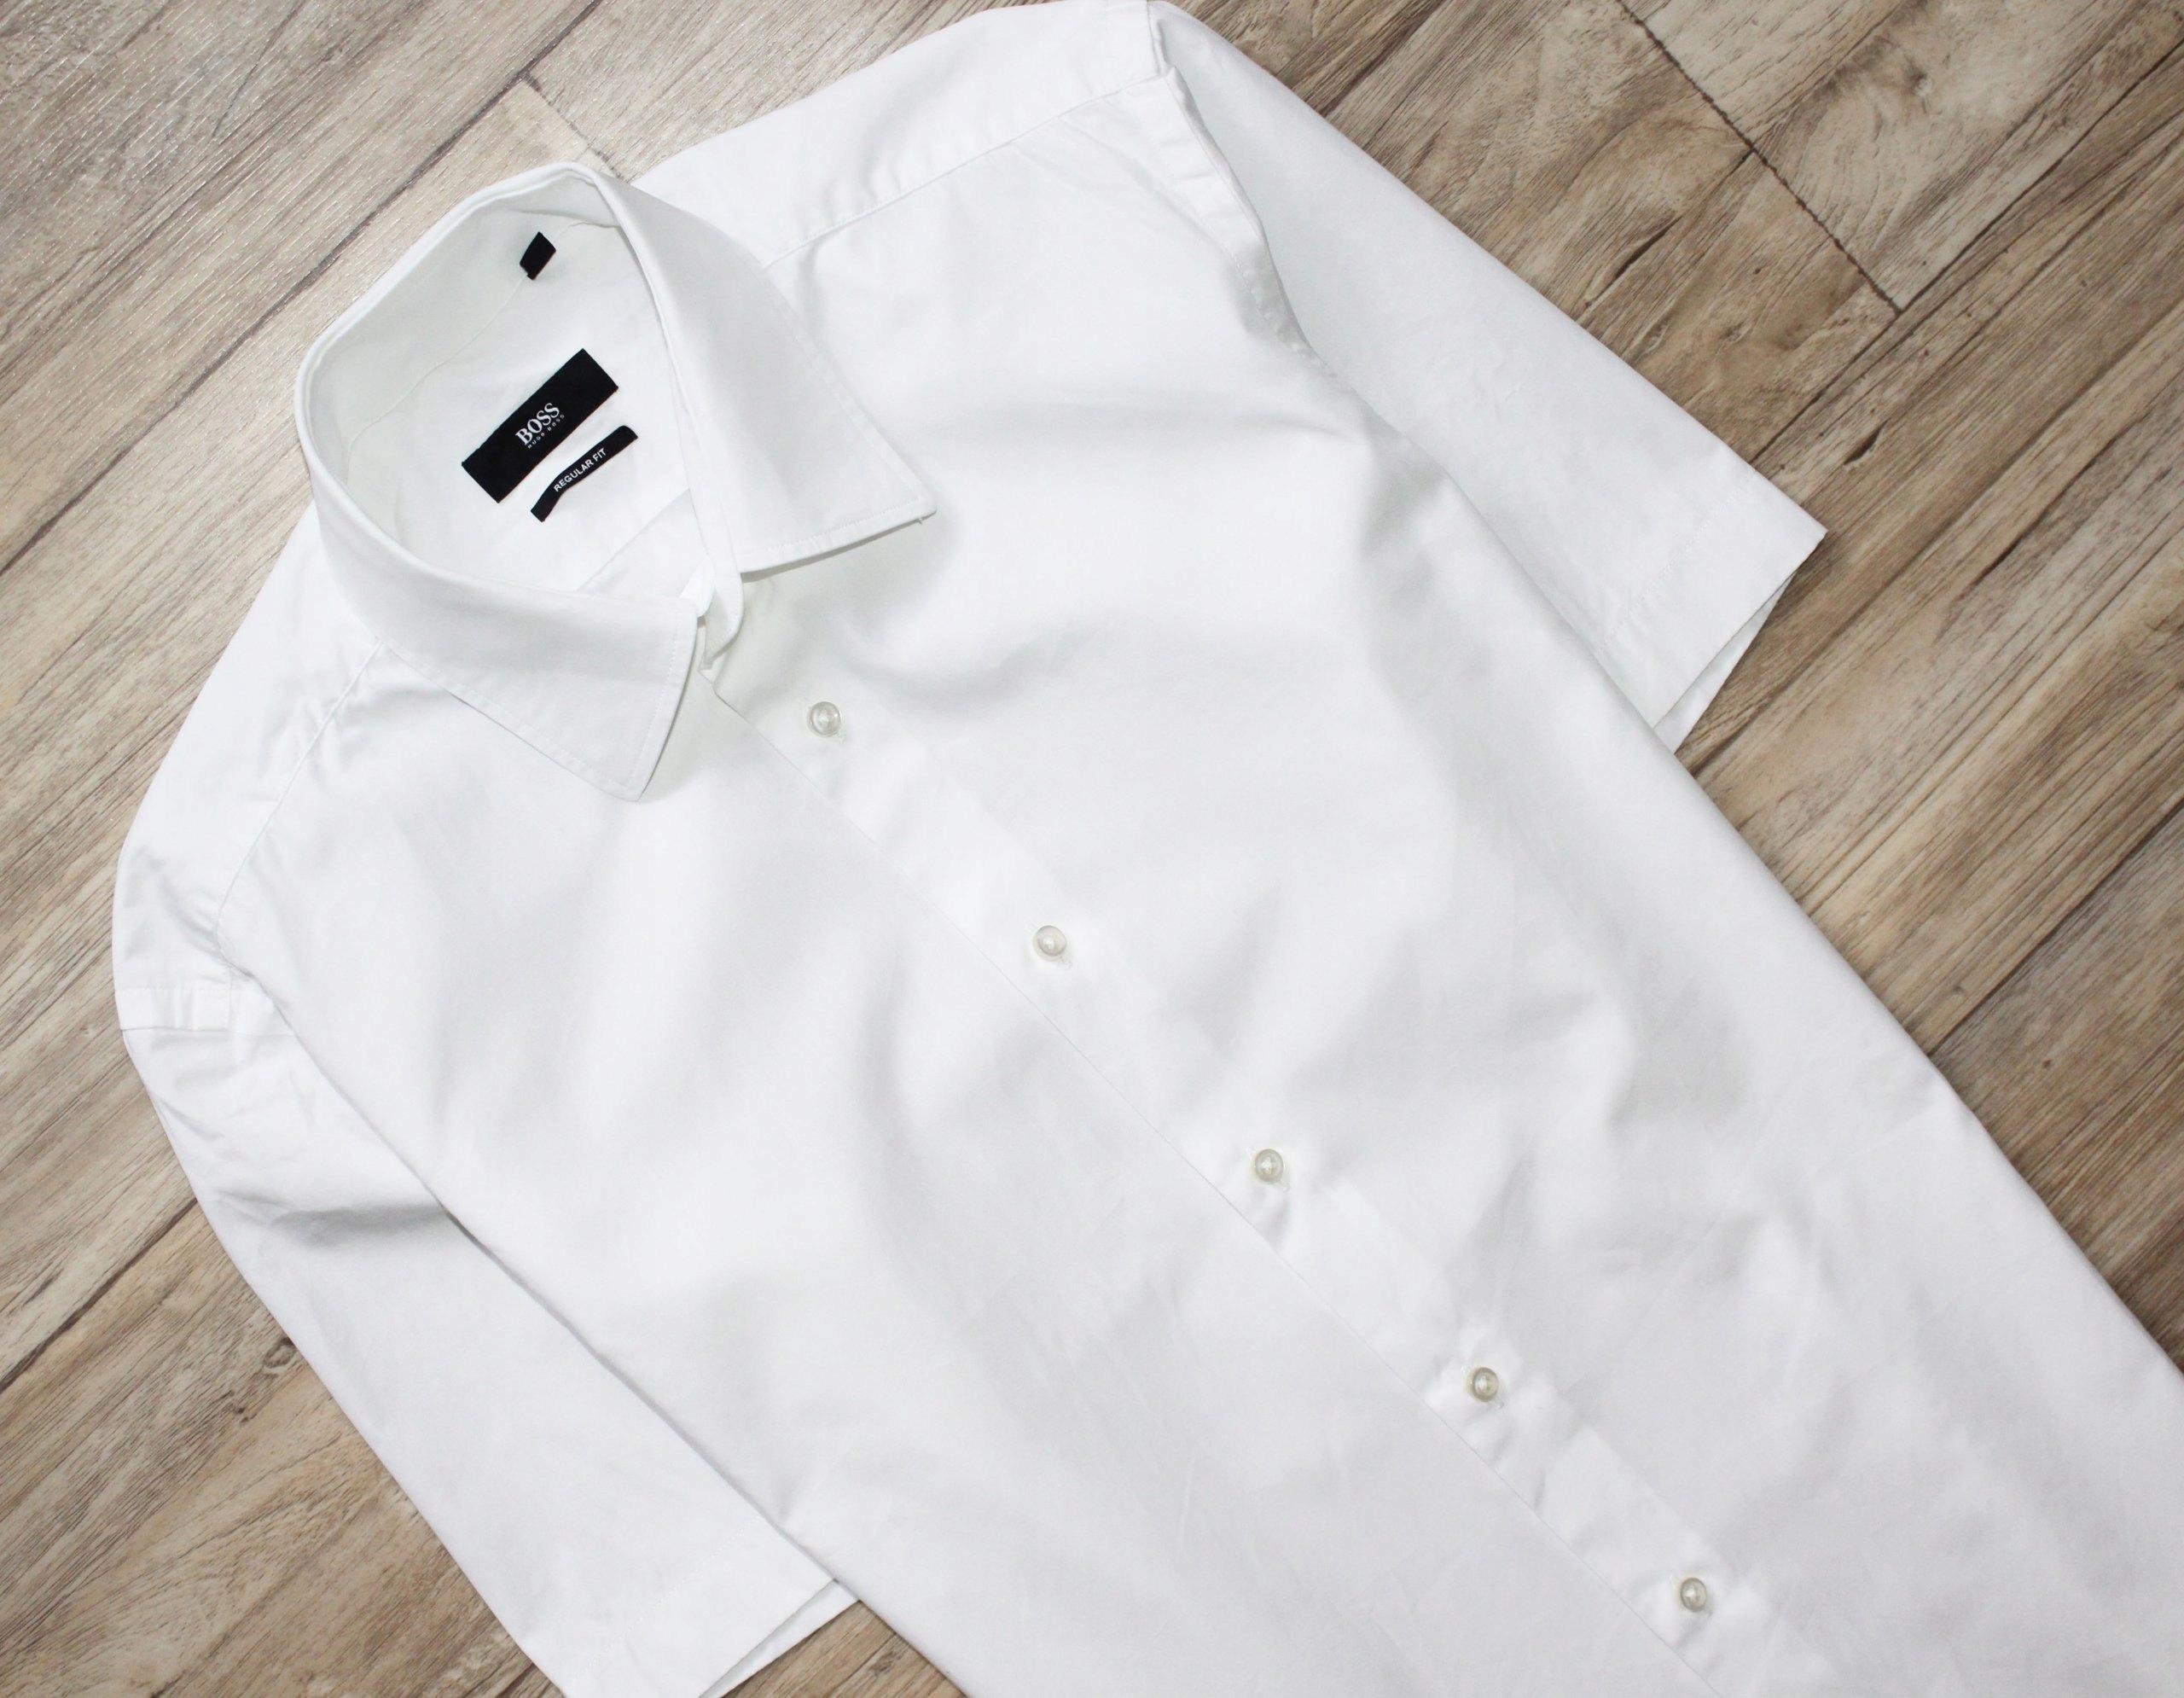 1f0267955eba7 Koszula Hugo Boss bdb M 38 oryginał biała - 6952355981 - oficjalne ...